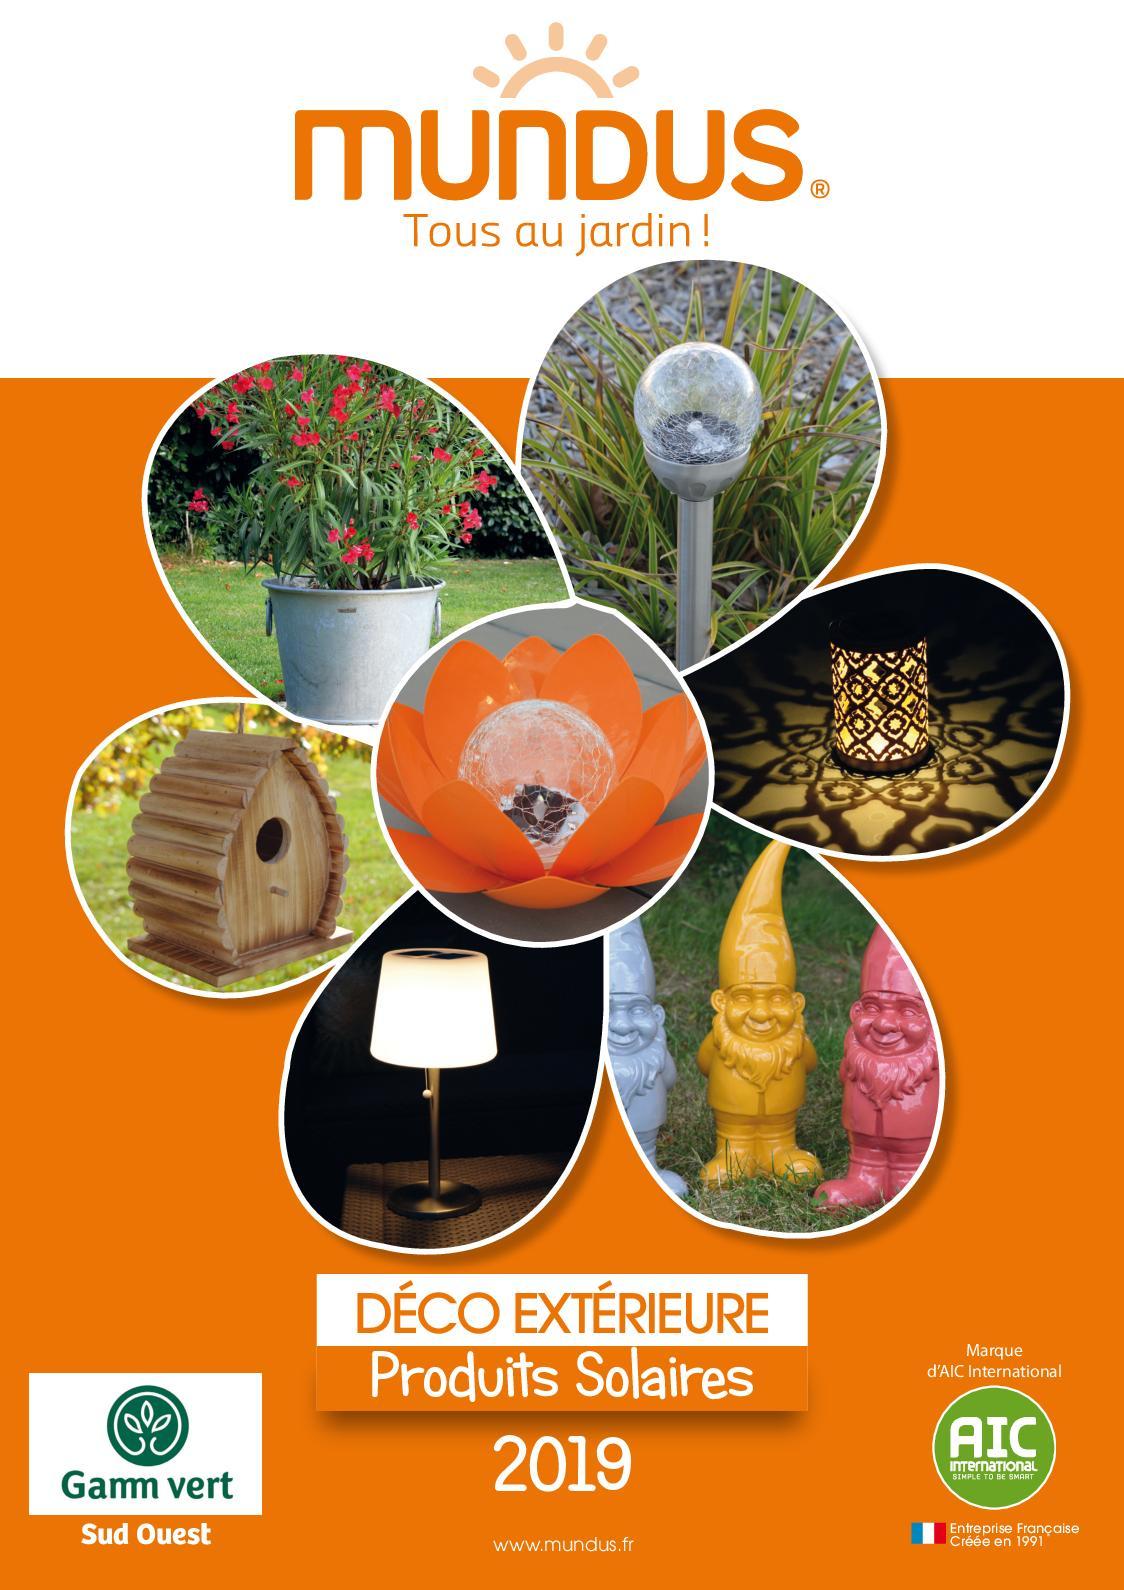 Gamm Vert Salon De Jardin Beau Lampe Escargot Energie solaire Led Deco Jardin Exterieur Of 30 Nouveau Gamm Vert Salon De Jardin